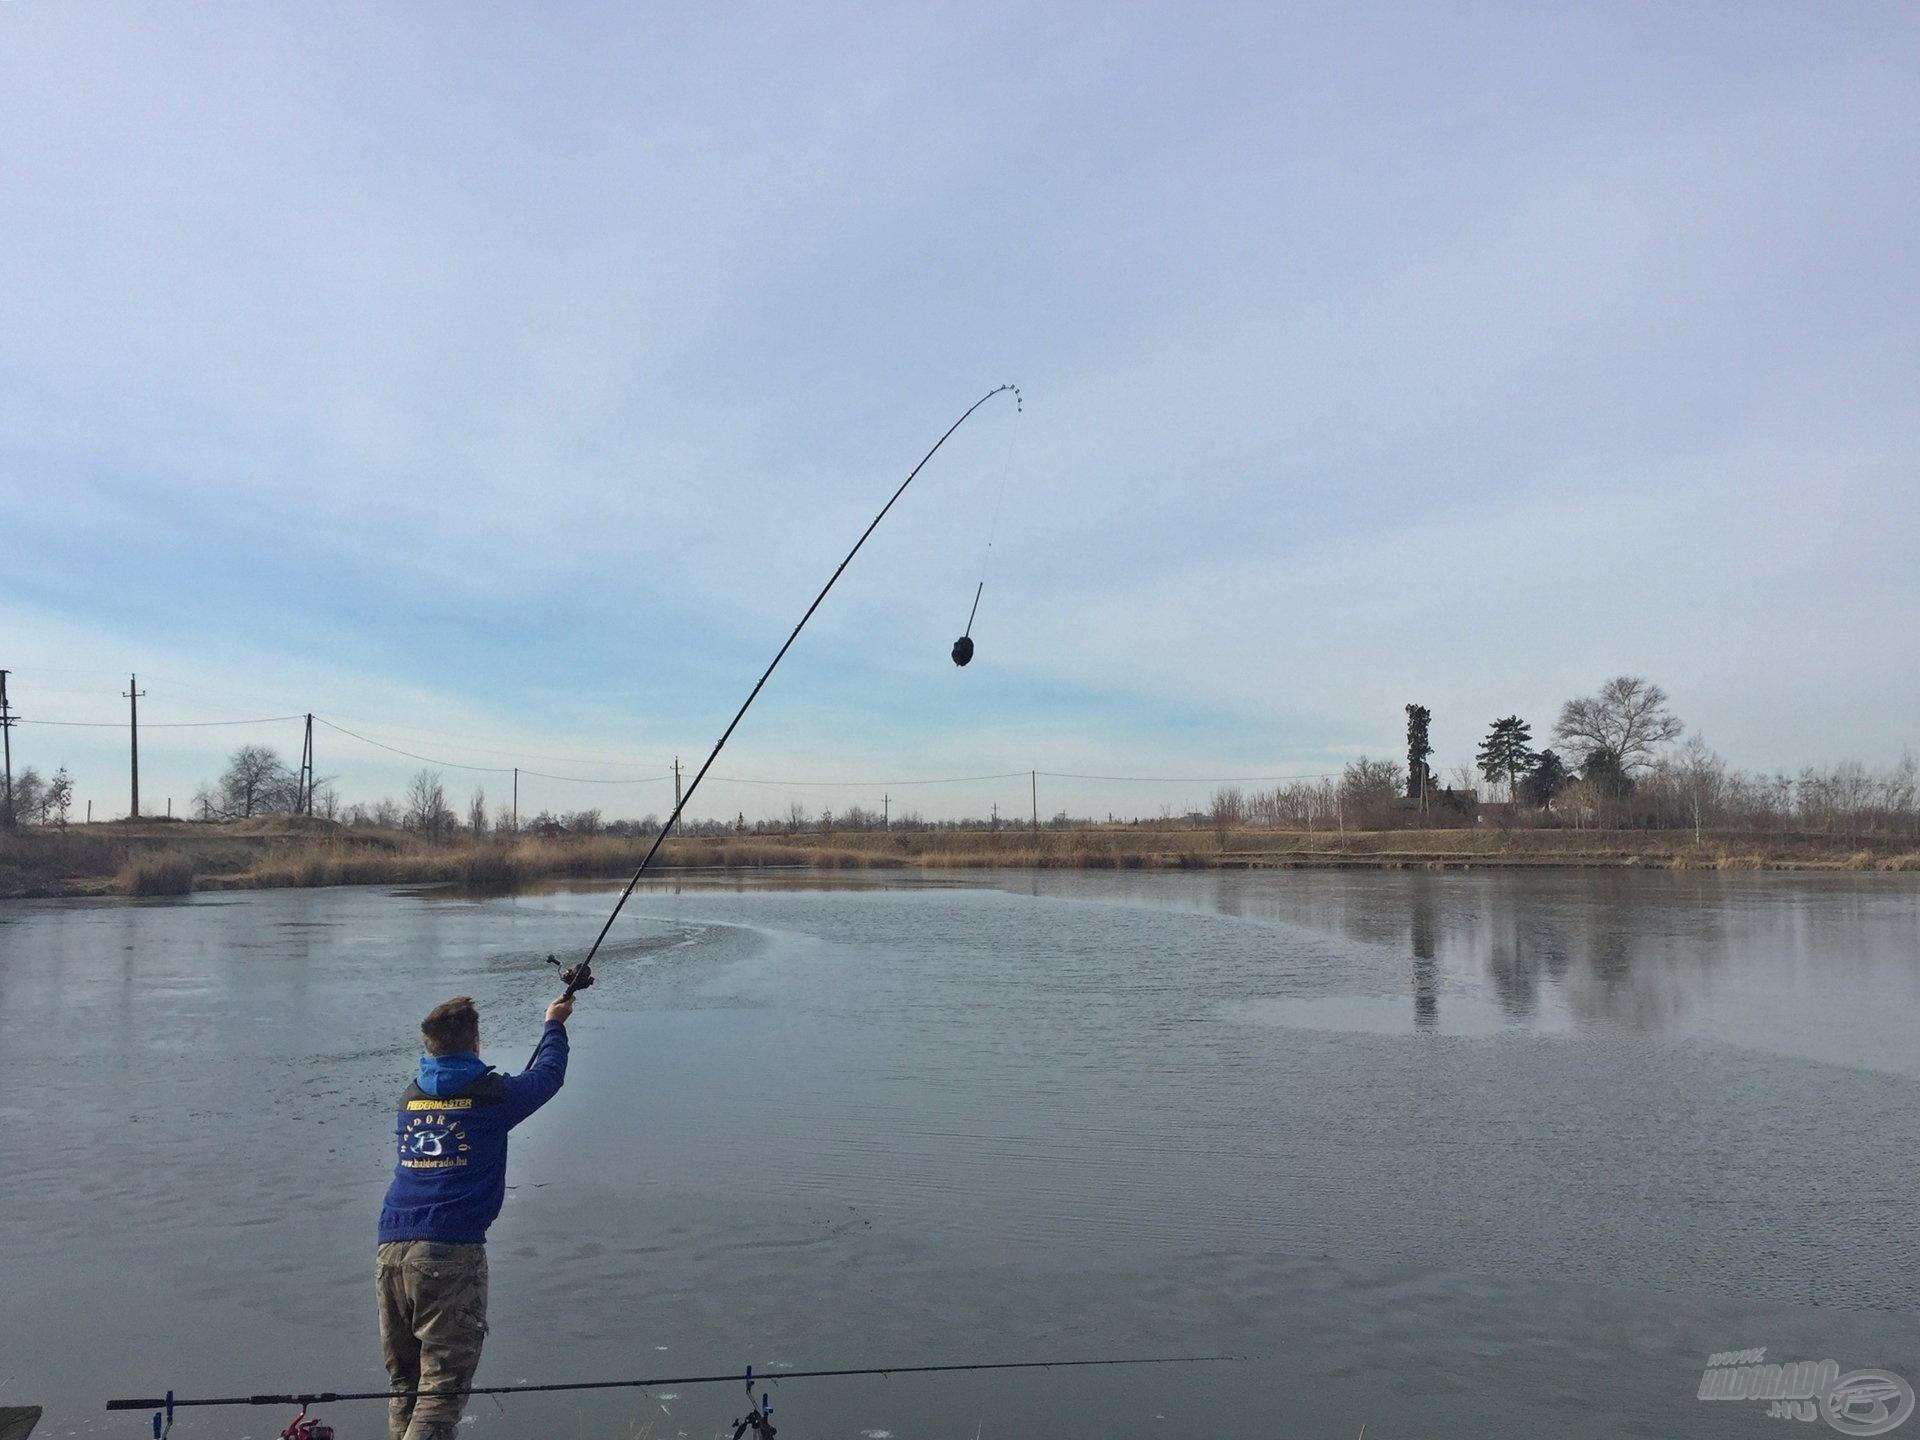 Annak ellenére, hogy a tó felszínének 98%-a be volt fagyva, egy 15 méteres kiolvadt sávban szerencsét próbáltam. 0 kapással fejeztem be a horgászatot! Egy olyan vízen, ahol gyakran sikerül 8-9-10 darab nagytestű pontyot fognom egy horgászat alatt